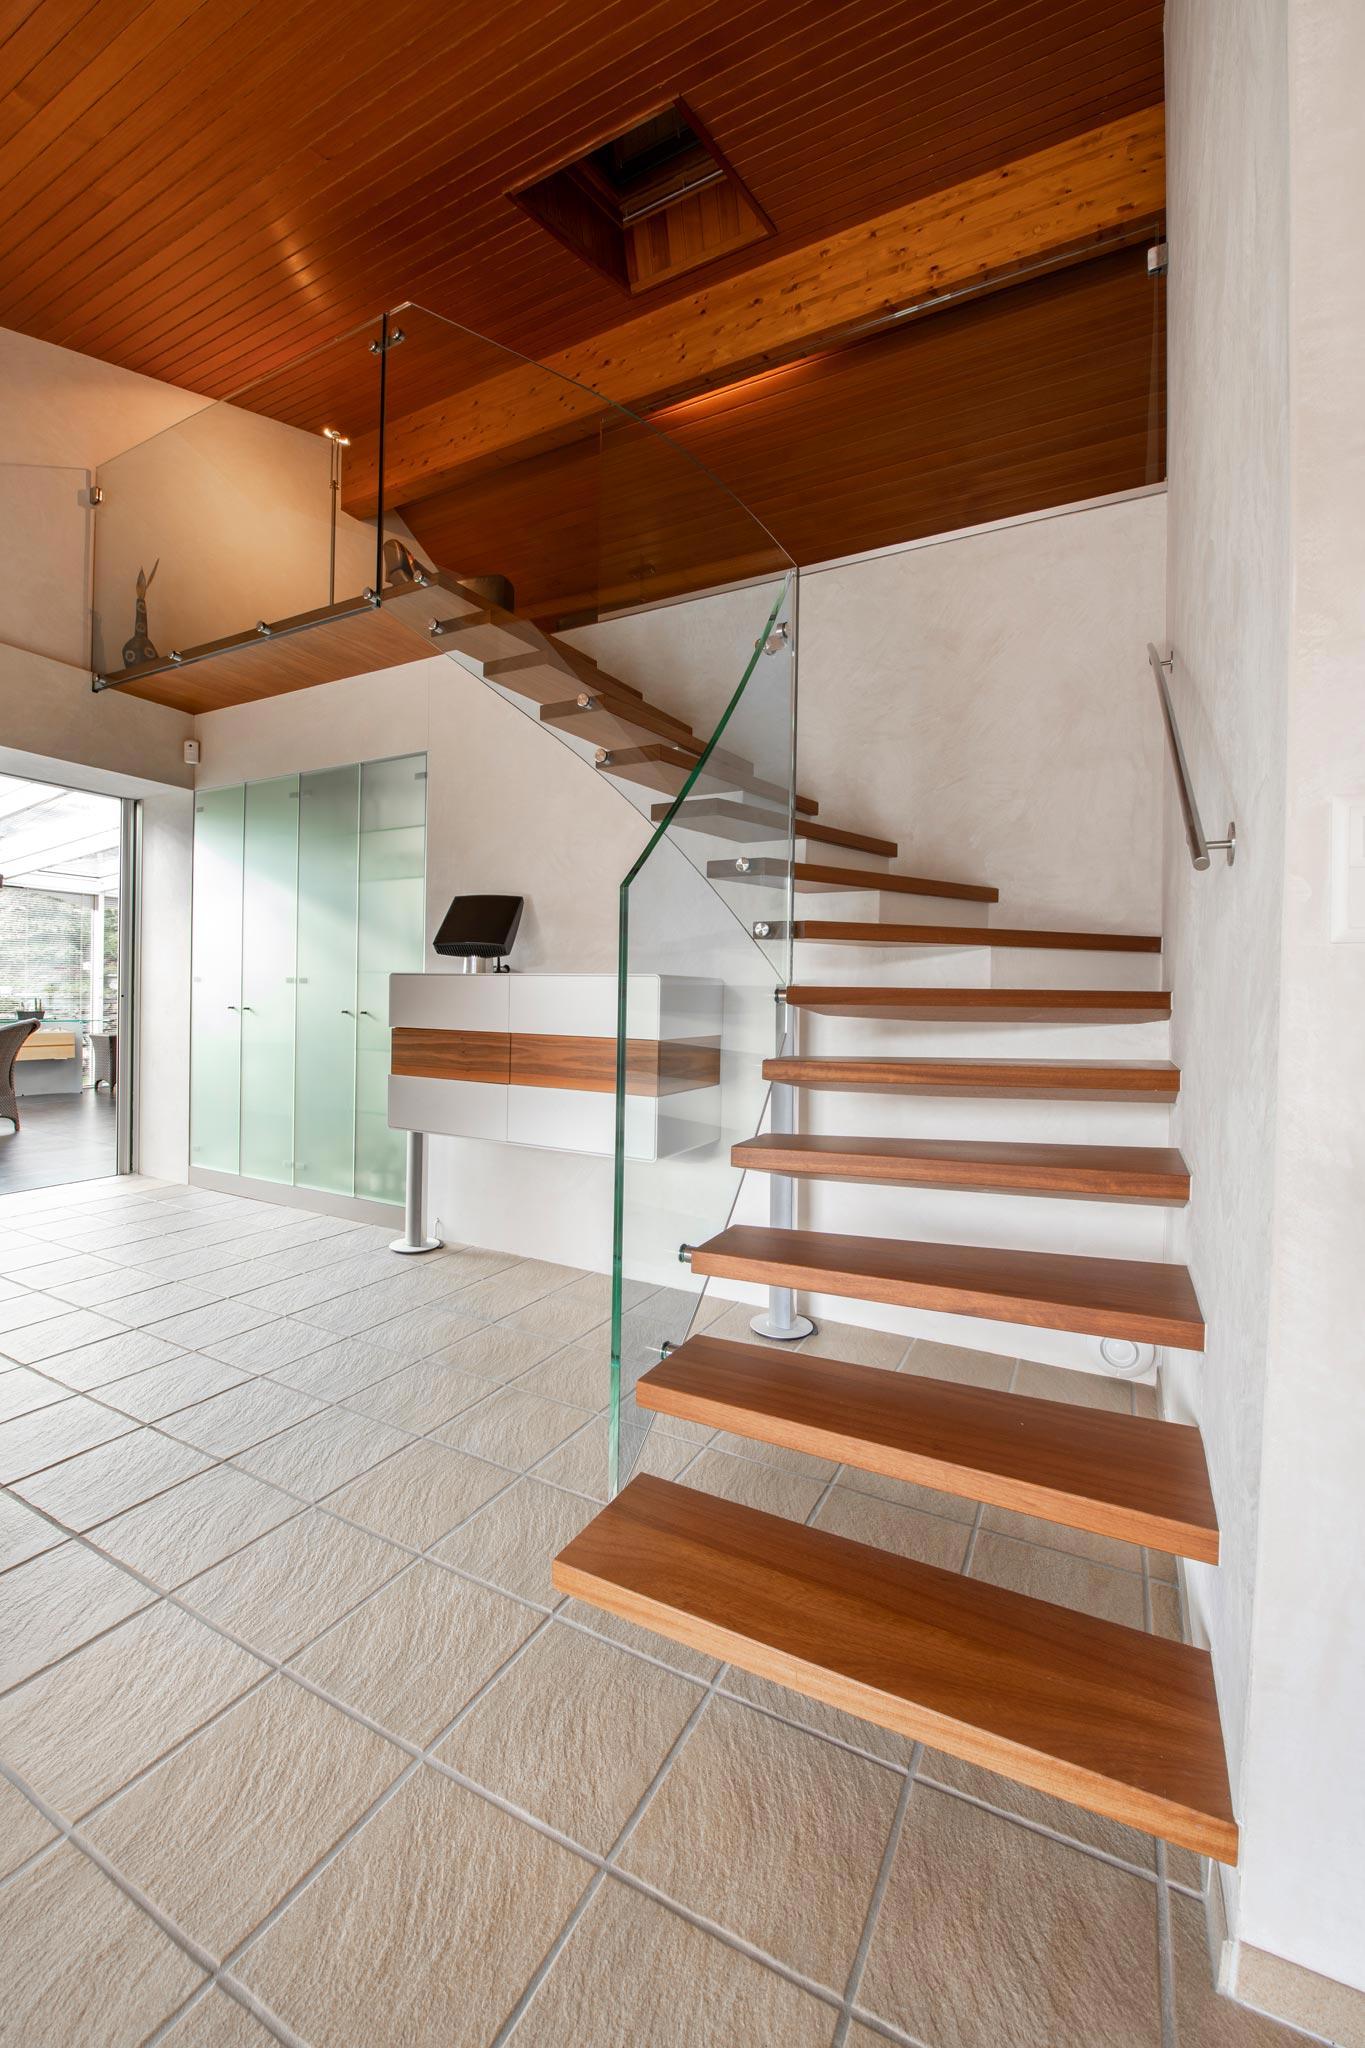 ES Bru 5381 escalier vtc 20 05 073 - Escalier autoportant à Sierre (Bb)